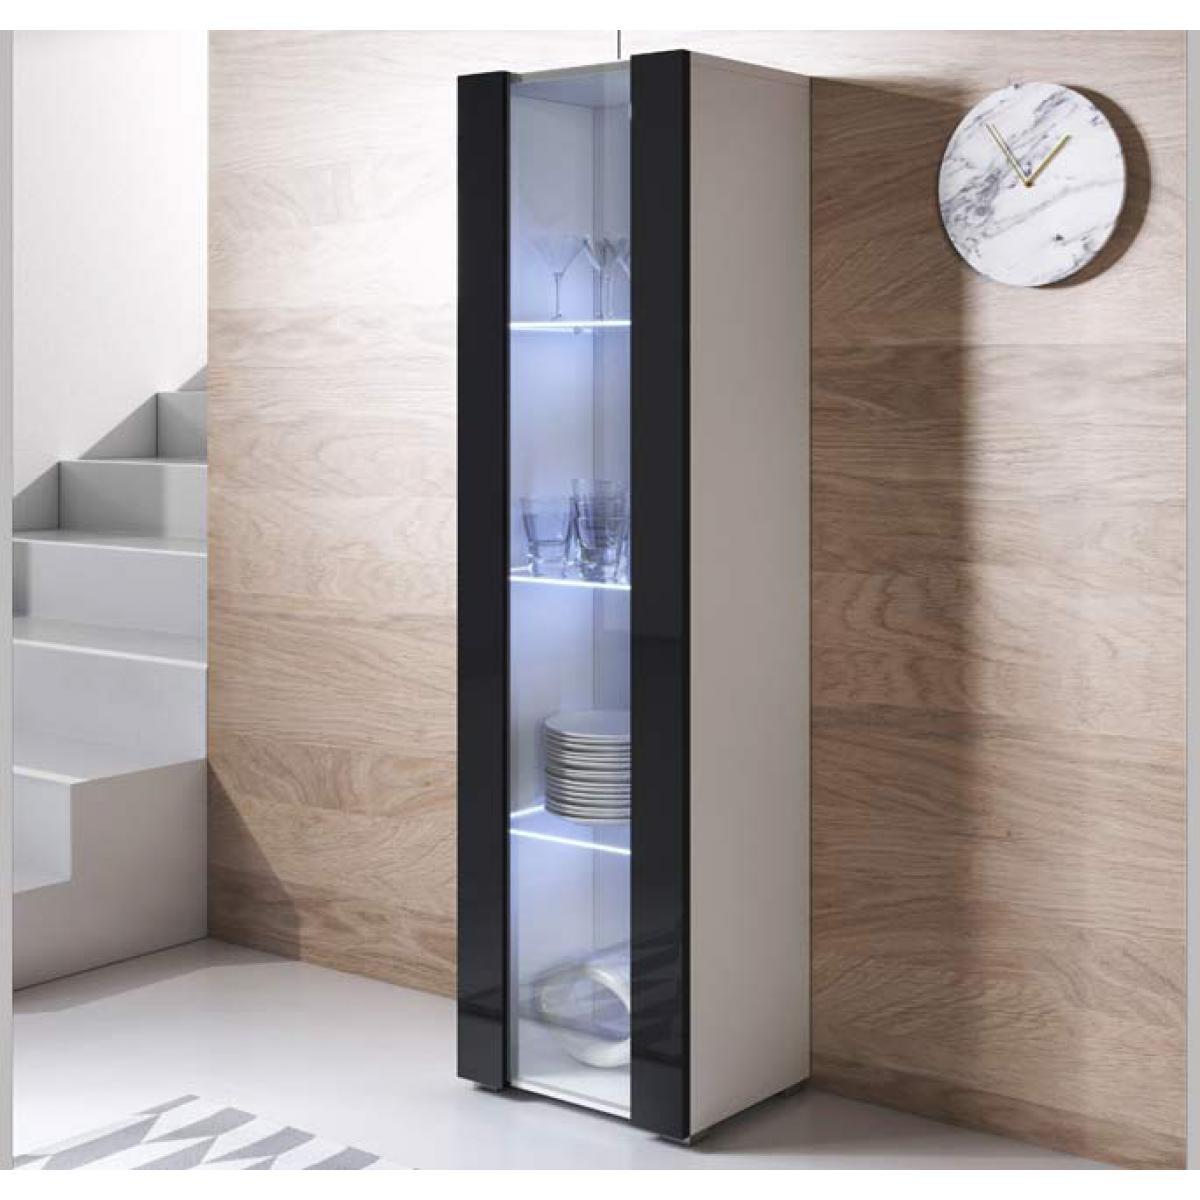 Design Ameublement Vitrine modèle Luke V5 (40x167cm) couleur blanc et noir avec pieds standard